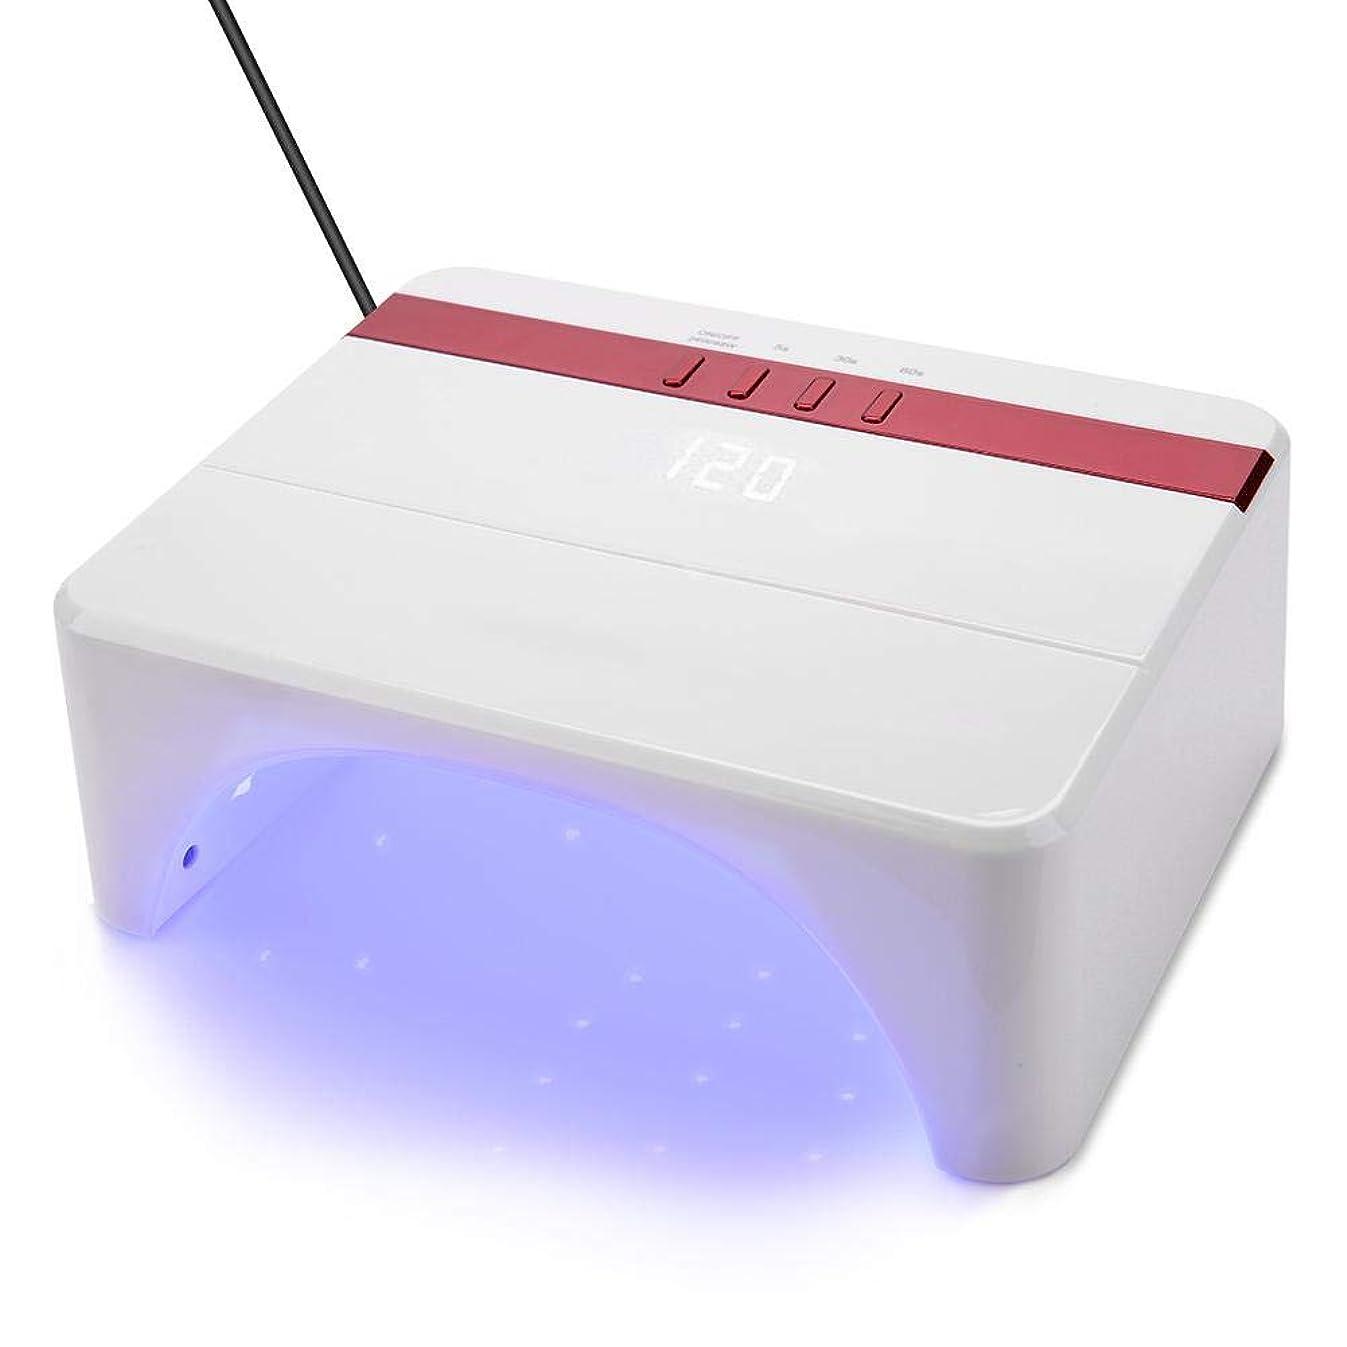 無駄にカフェ残り物Ochun LEDネイルドライヤー UVネイル硬化ライト ネイルジェル硬化 24W/48Wネイルランプ 赤外線センサー付き 3段階タイマー デジタル表示 30枚LED配置 快速乾燥?硬化(ホワイト)